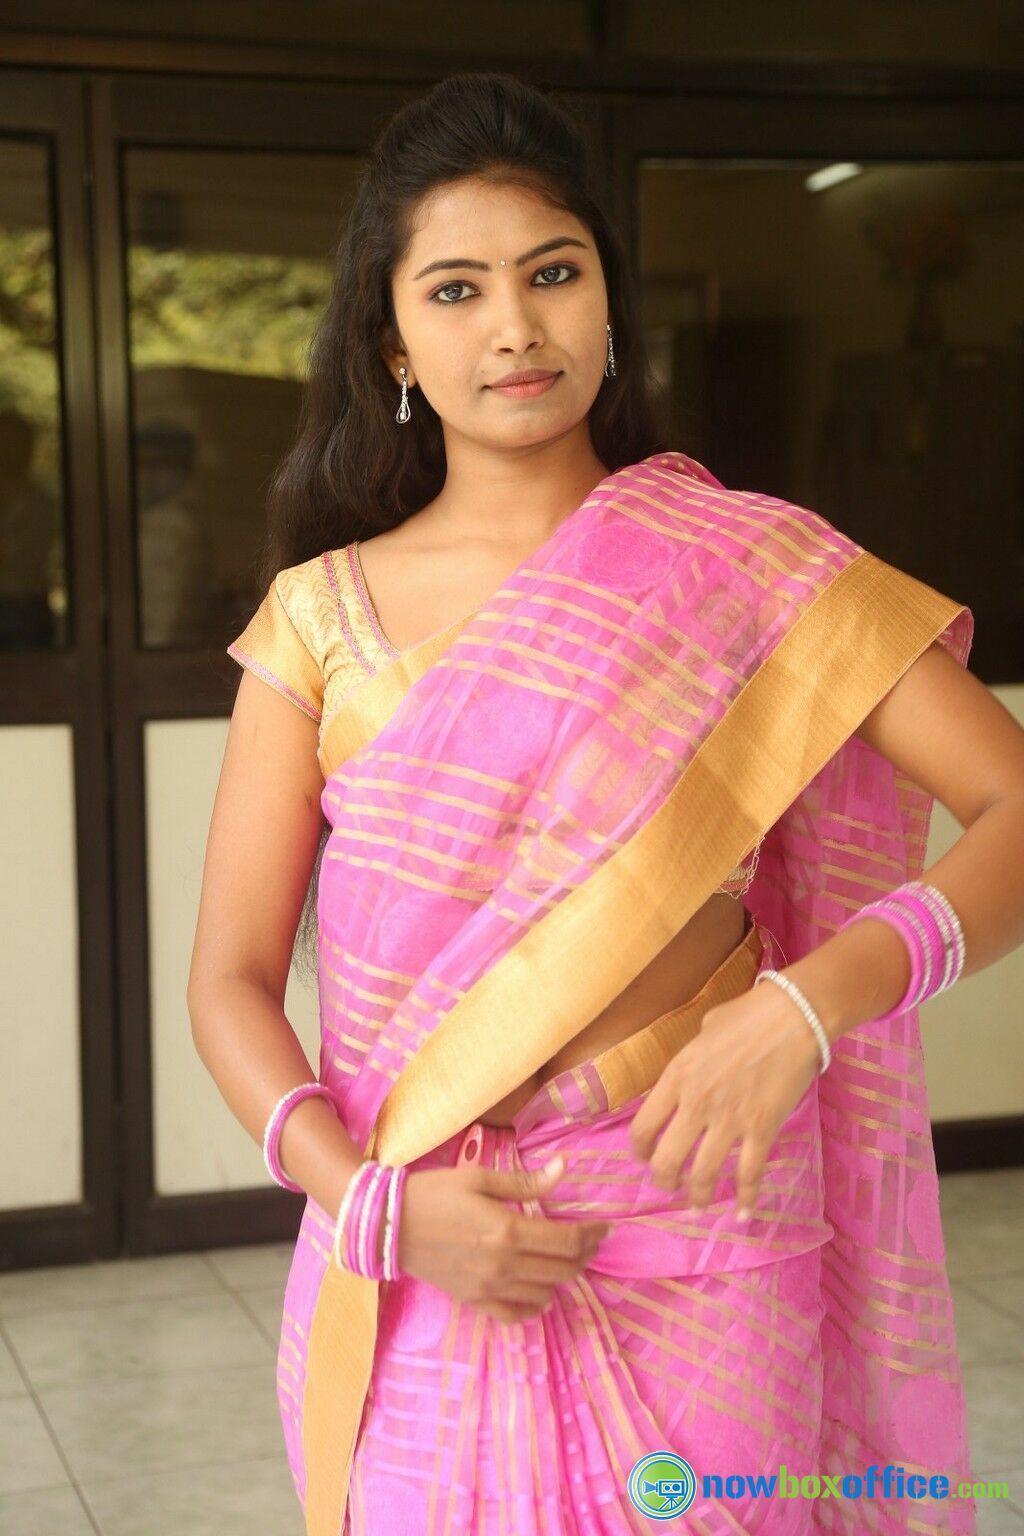 Shilpa Photos Shilpa New Photos (11) – nowboxoffice.com   Actress in ...